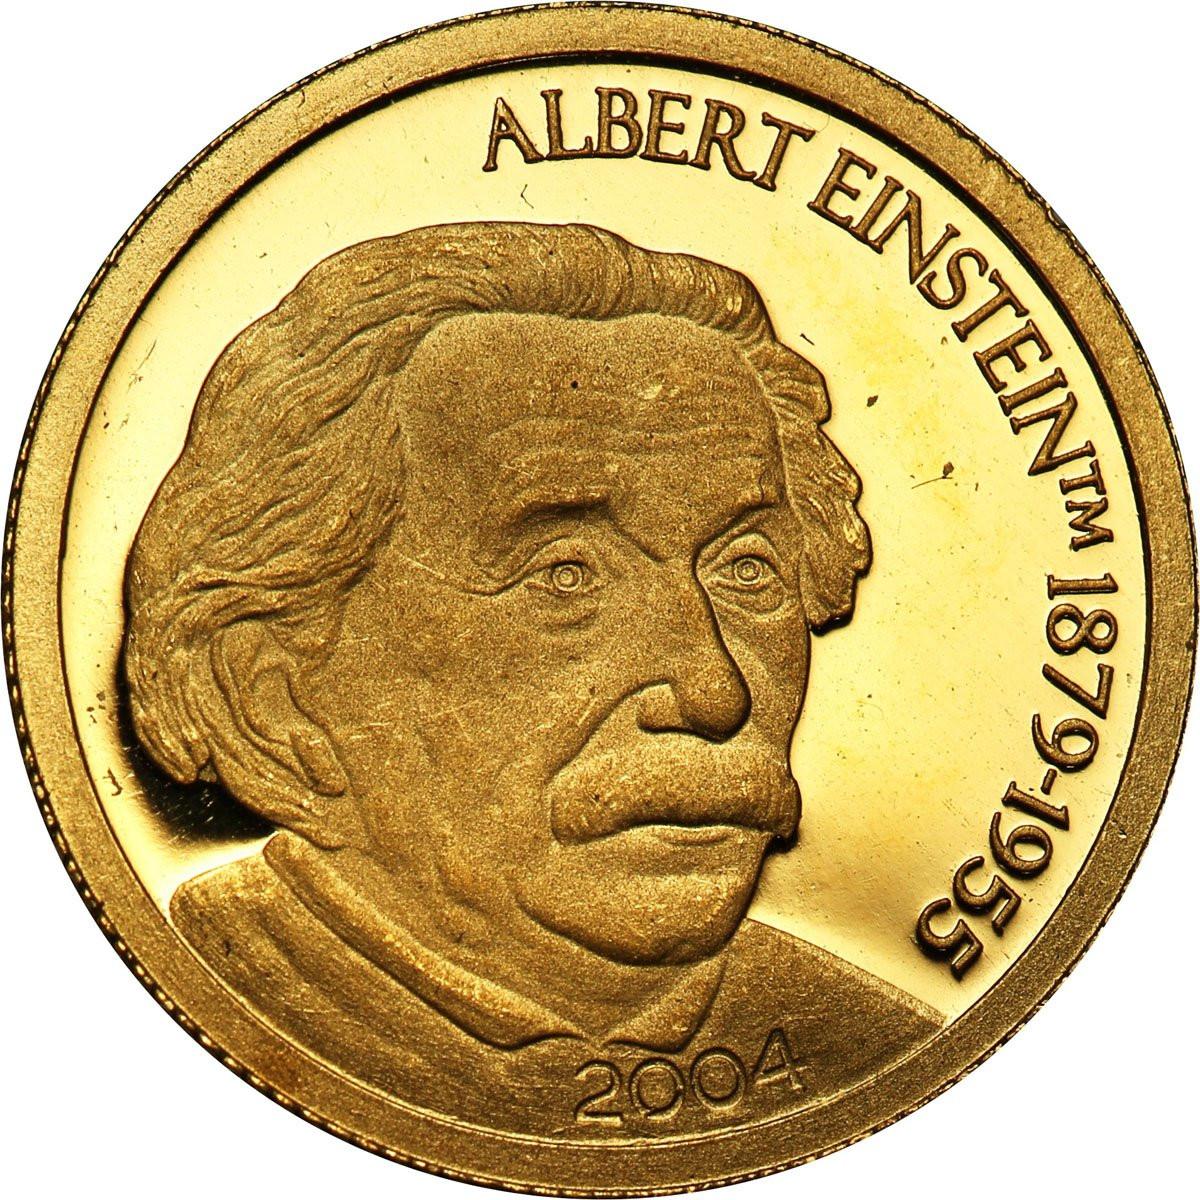 Mariany Północne 5 dolarów 2004 (1/25 uncji Au) Einsten st. L